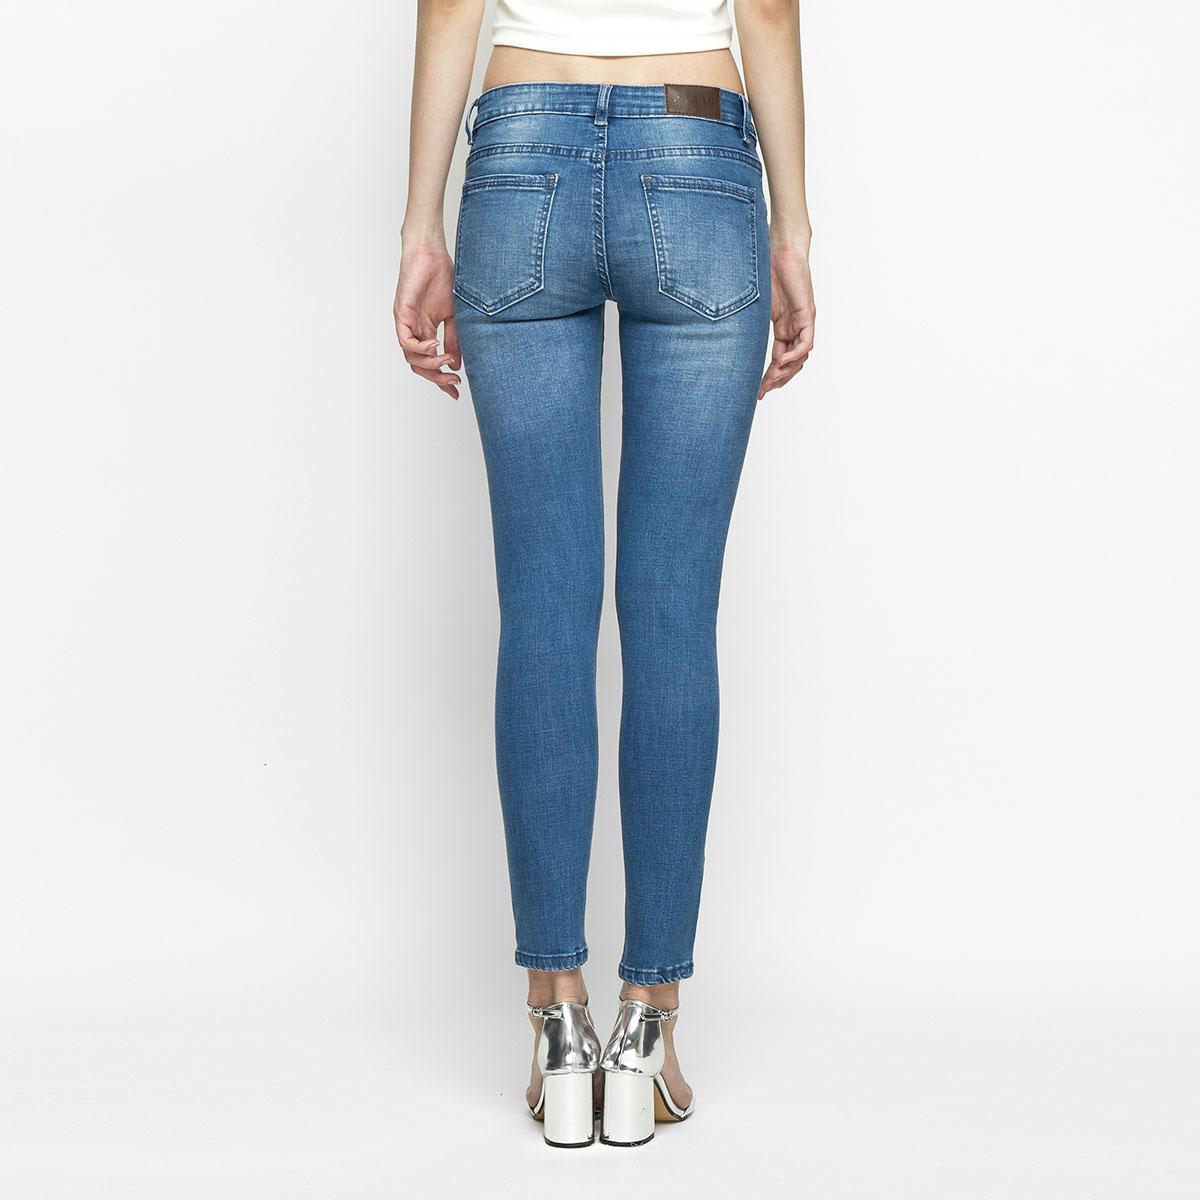 Quần Jean Nữ Skinny Lưng Vừa Aaa Jeans Có Nhiều Màu Size 26 - 32 17